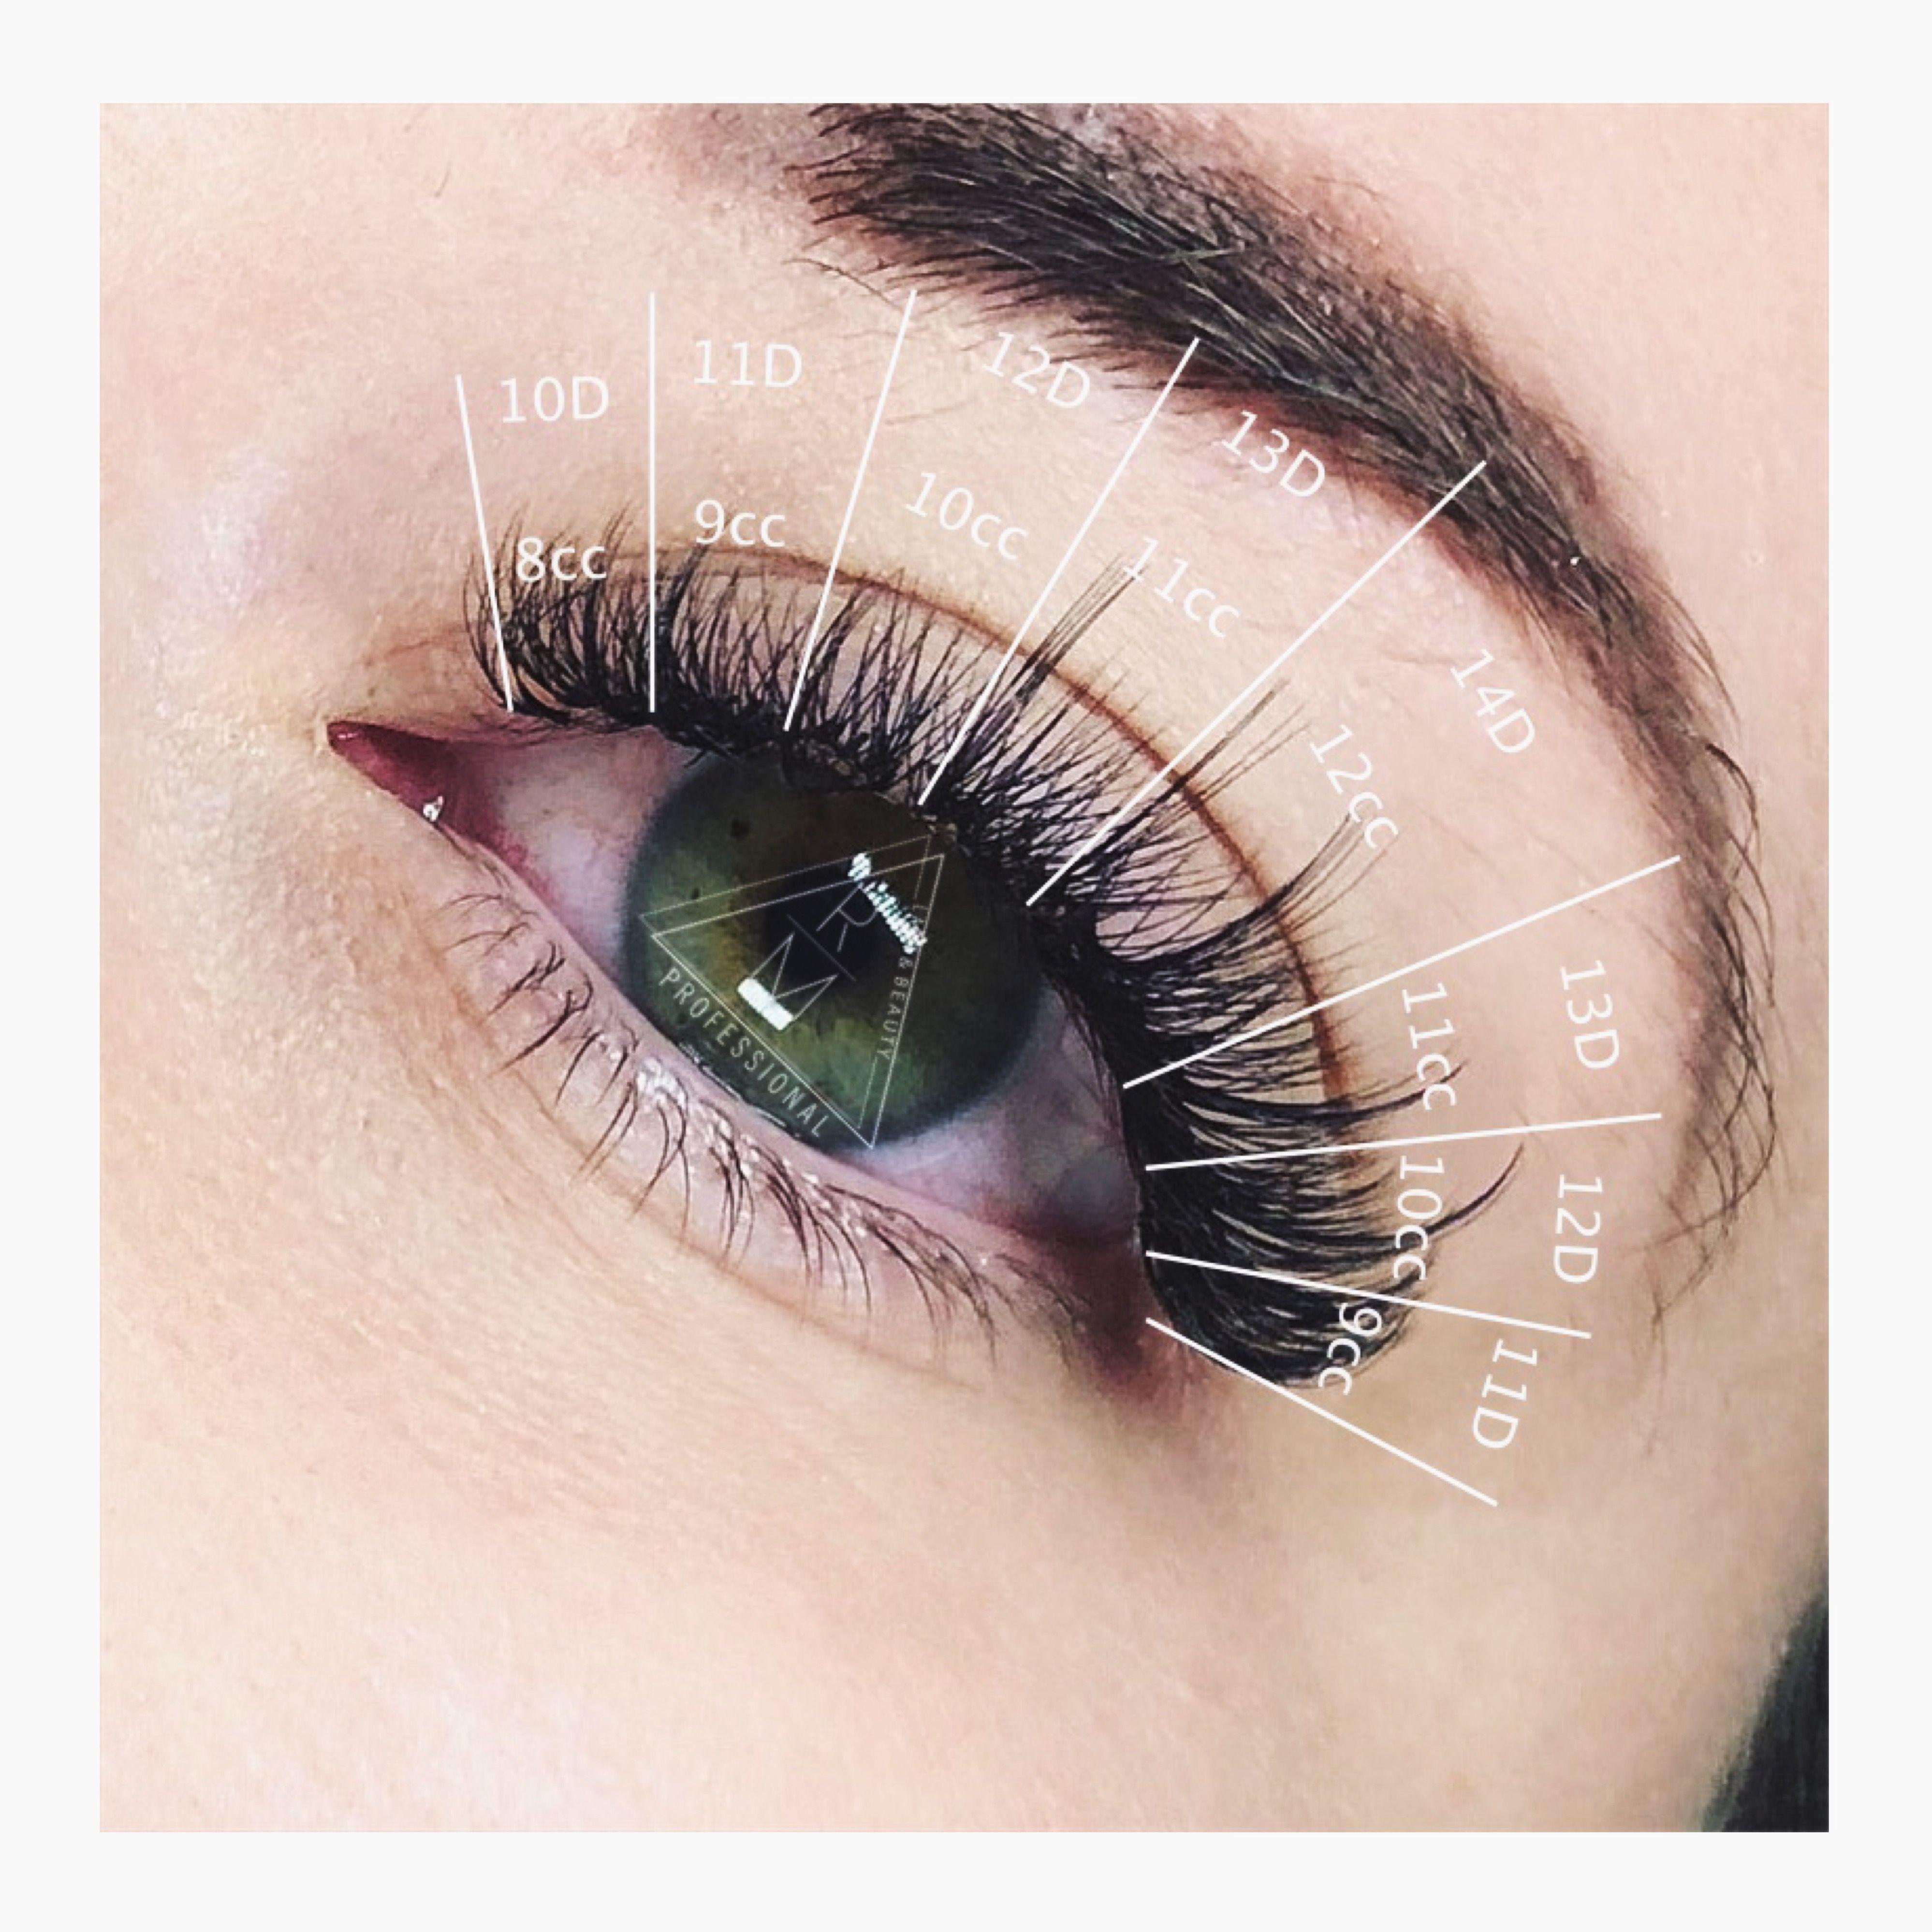 lash wispy eyelash extension lashes extensions studio styles eyelashes eye extentions instagram let info